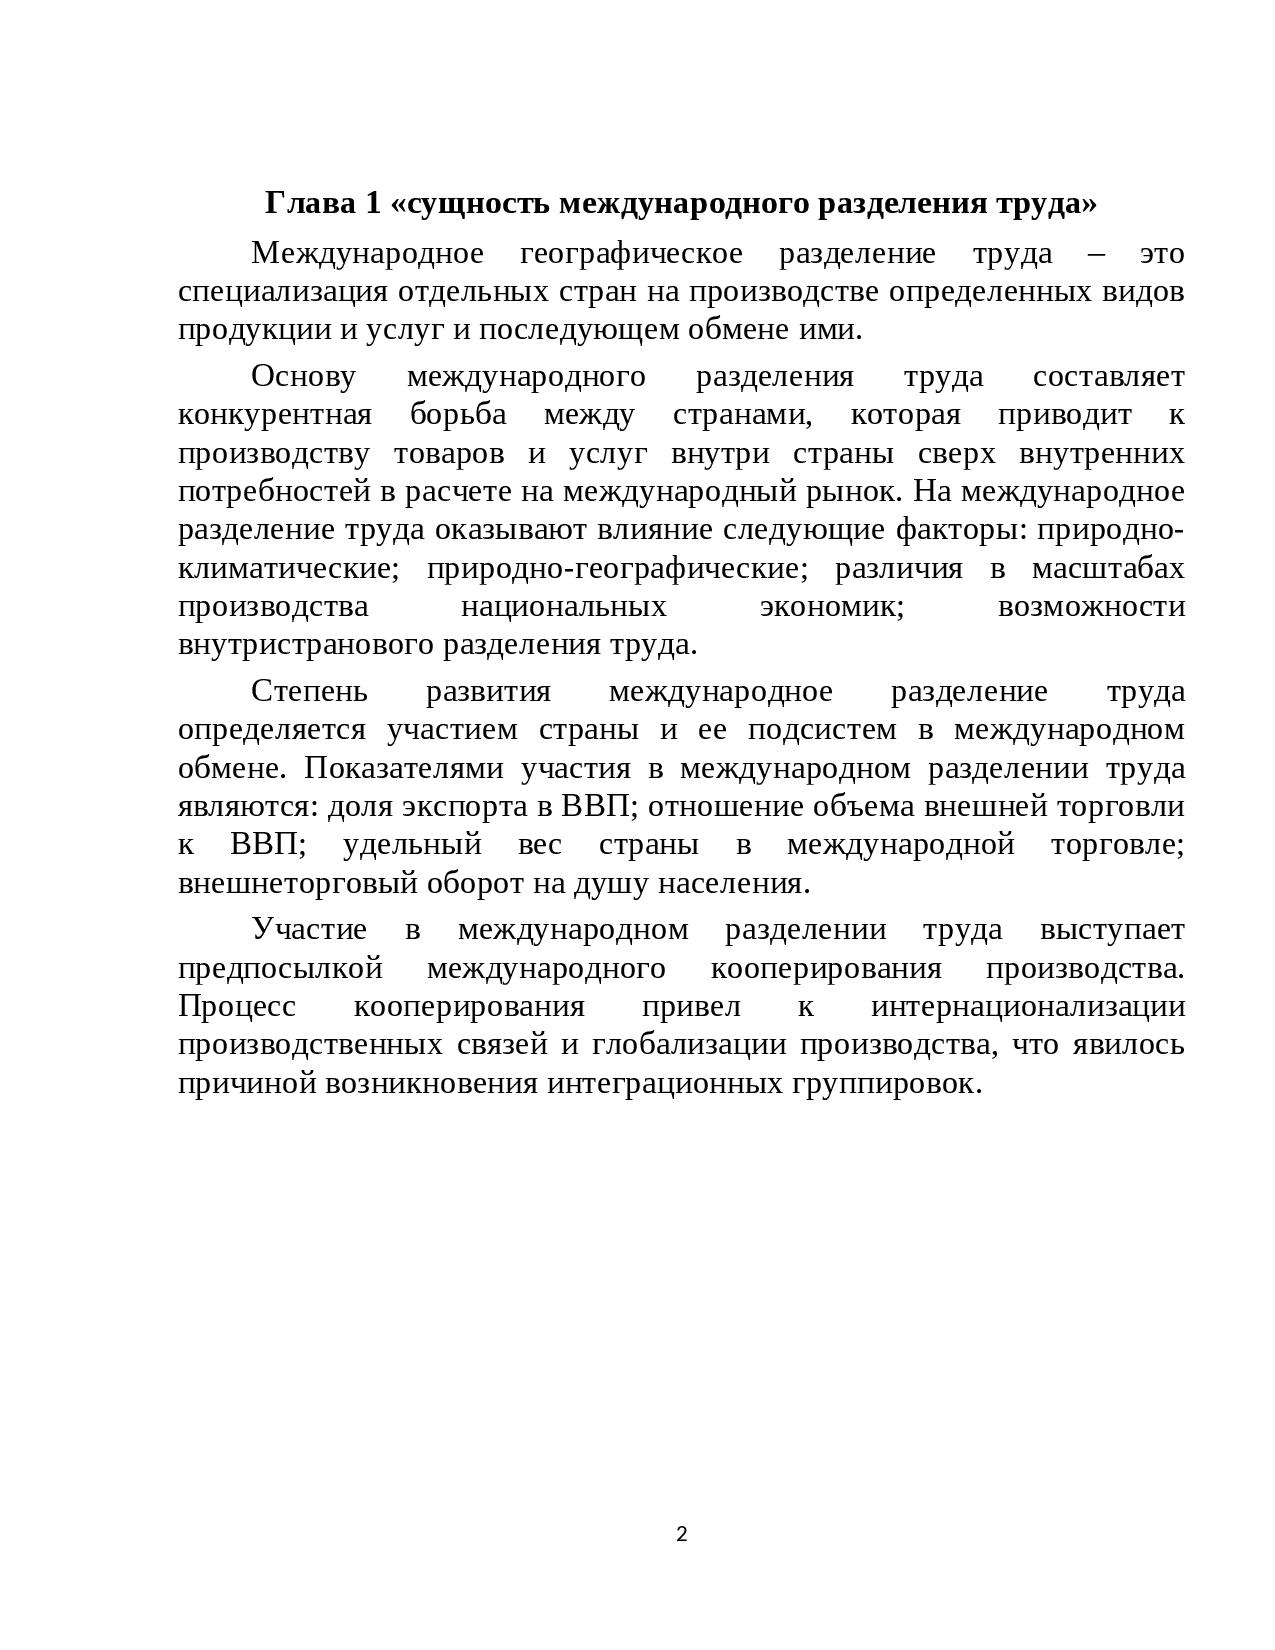 Этапы развития мирового хозяйства. международное разделение труда :: businessman.ru